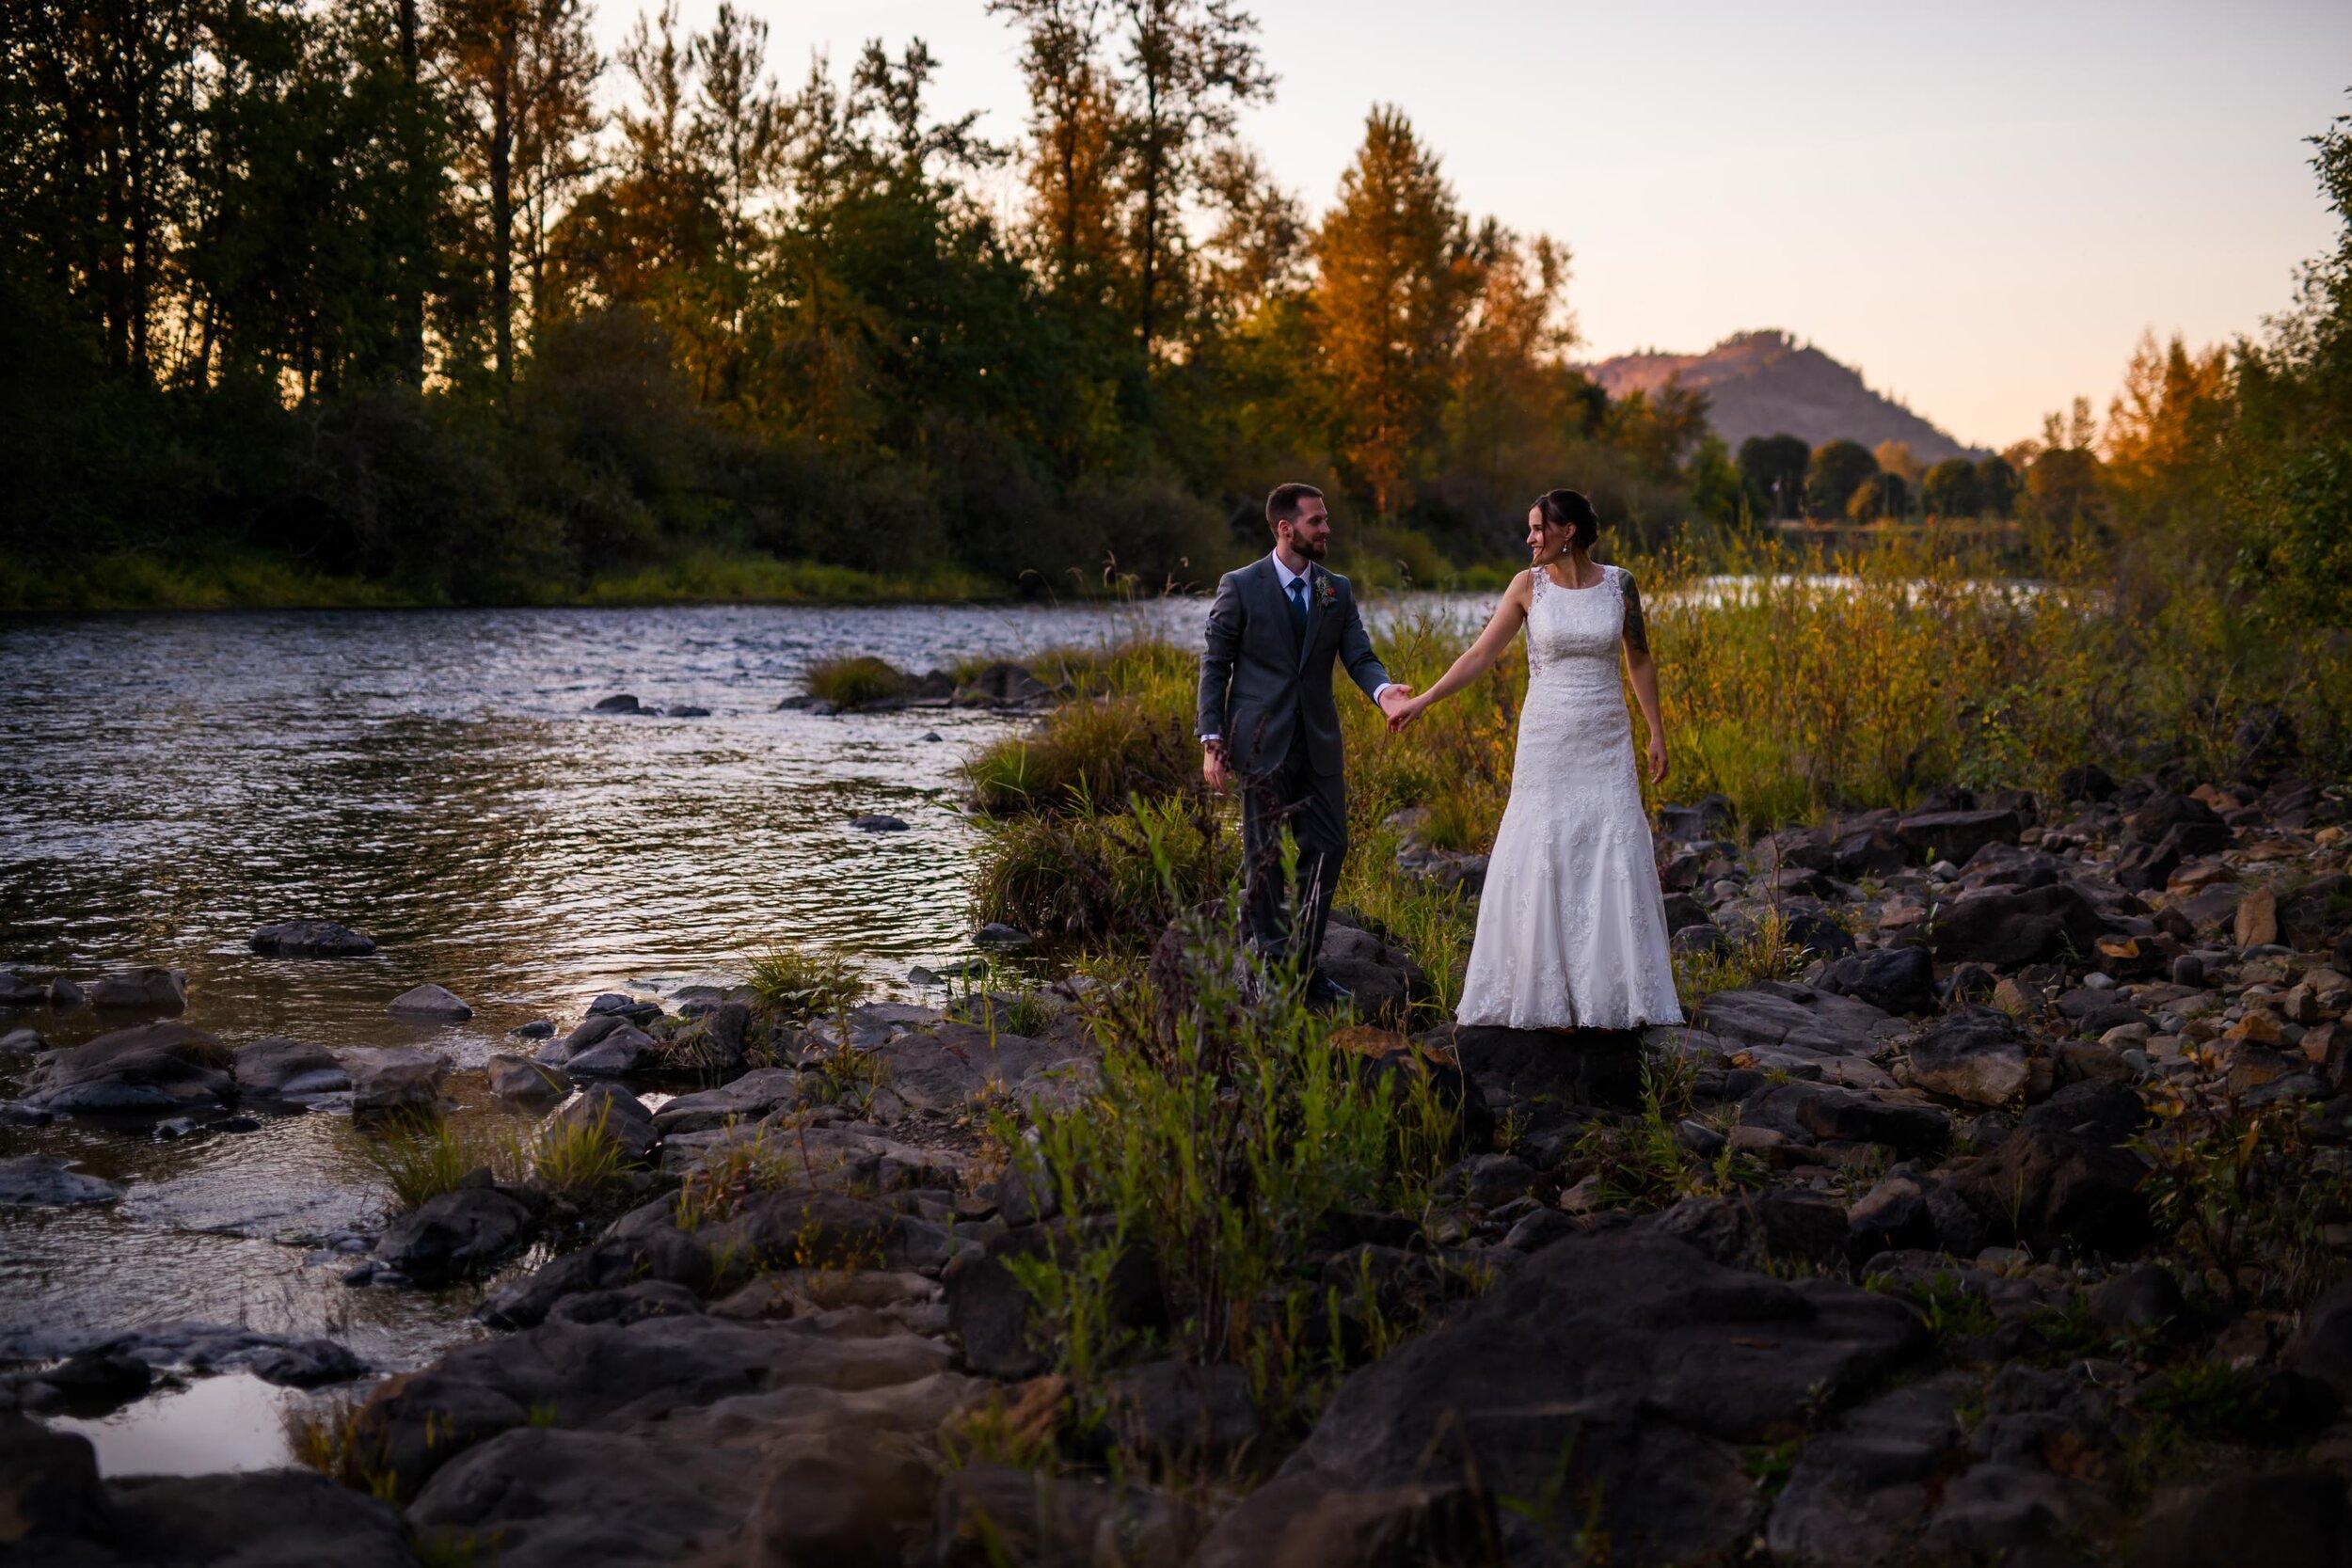 Mt. Pisgah Arboretum wedding photos 122.JPG